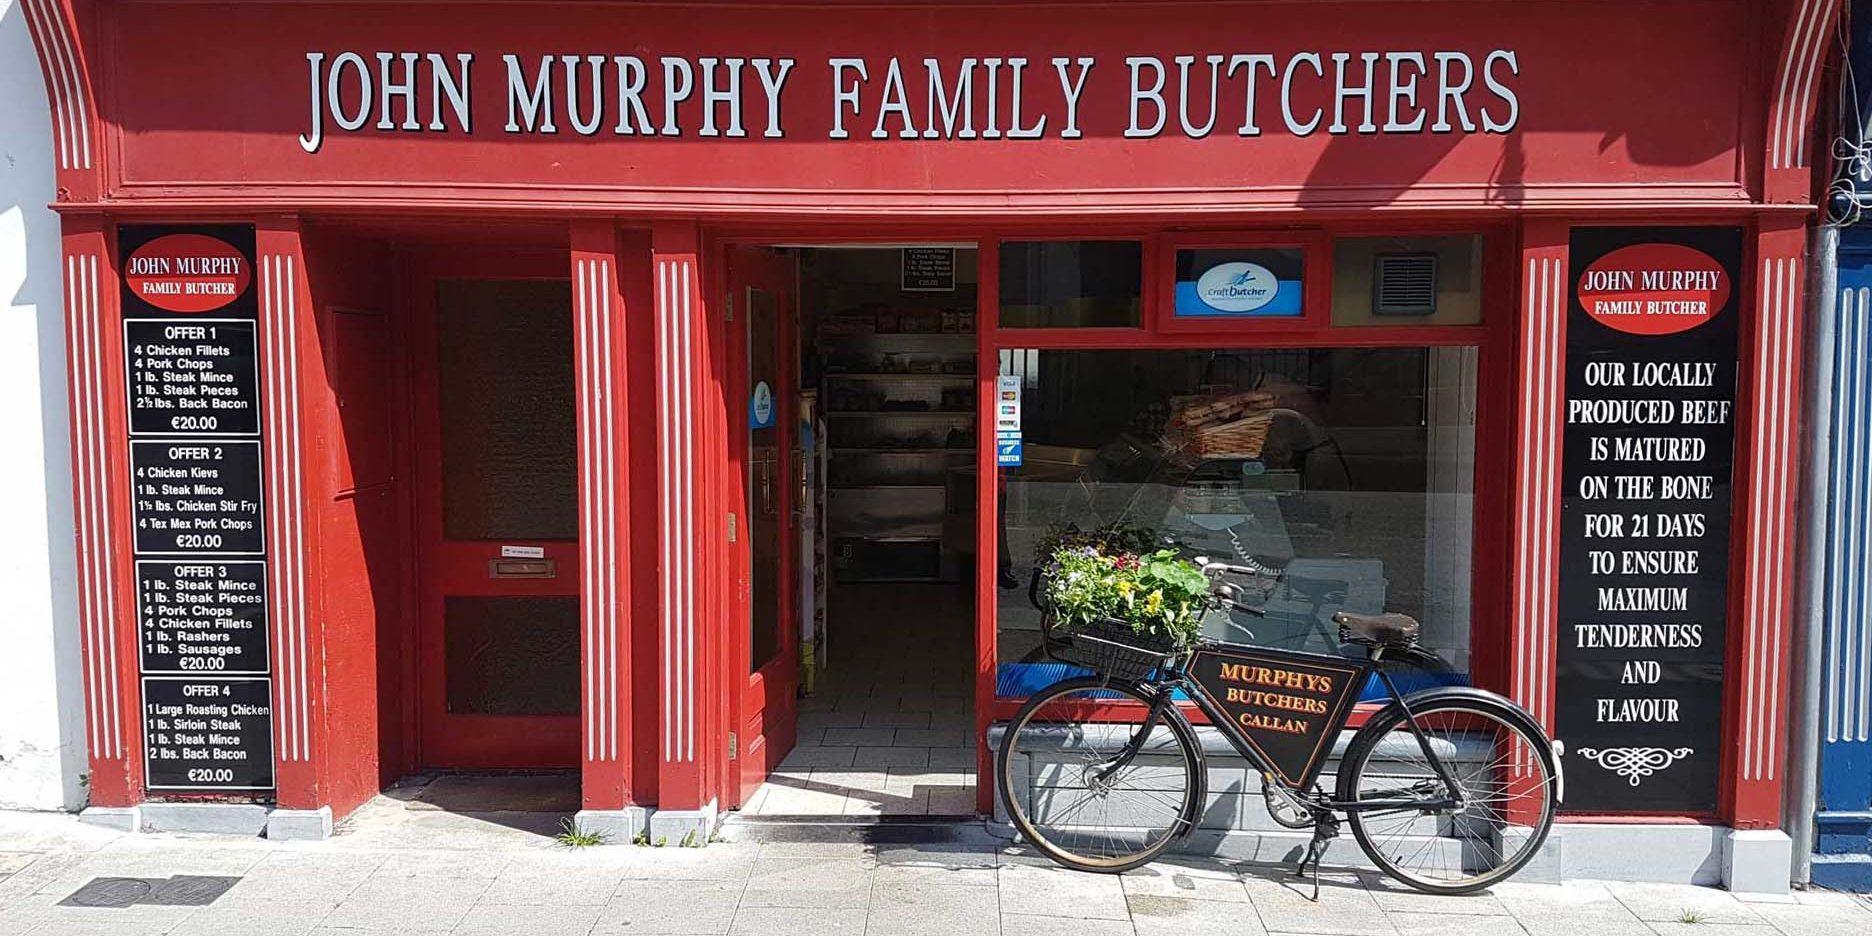 John Murphy Family Butchers shop front